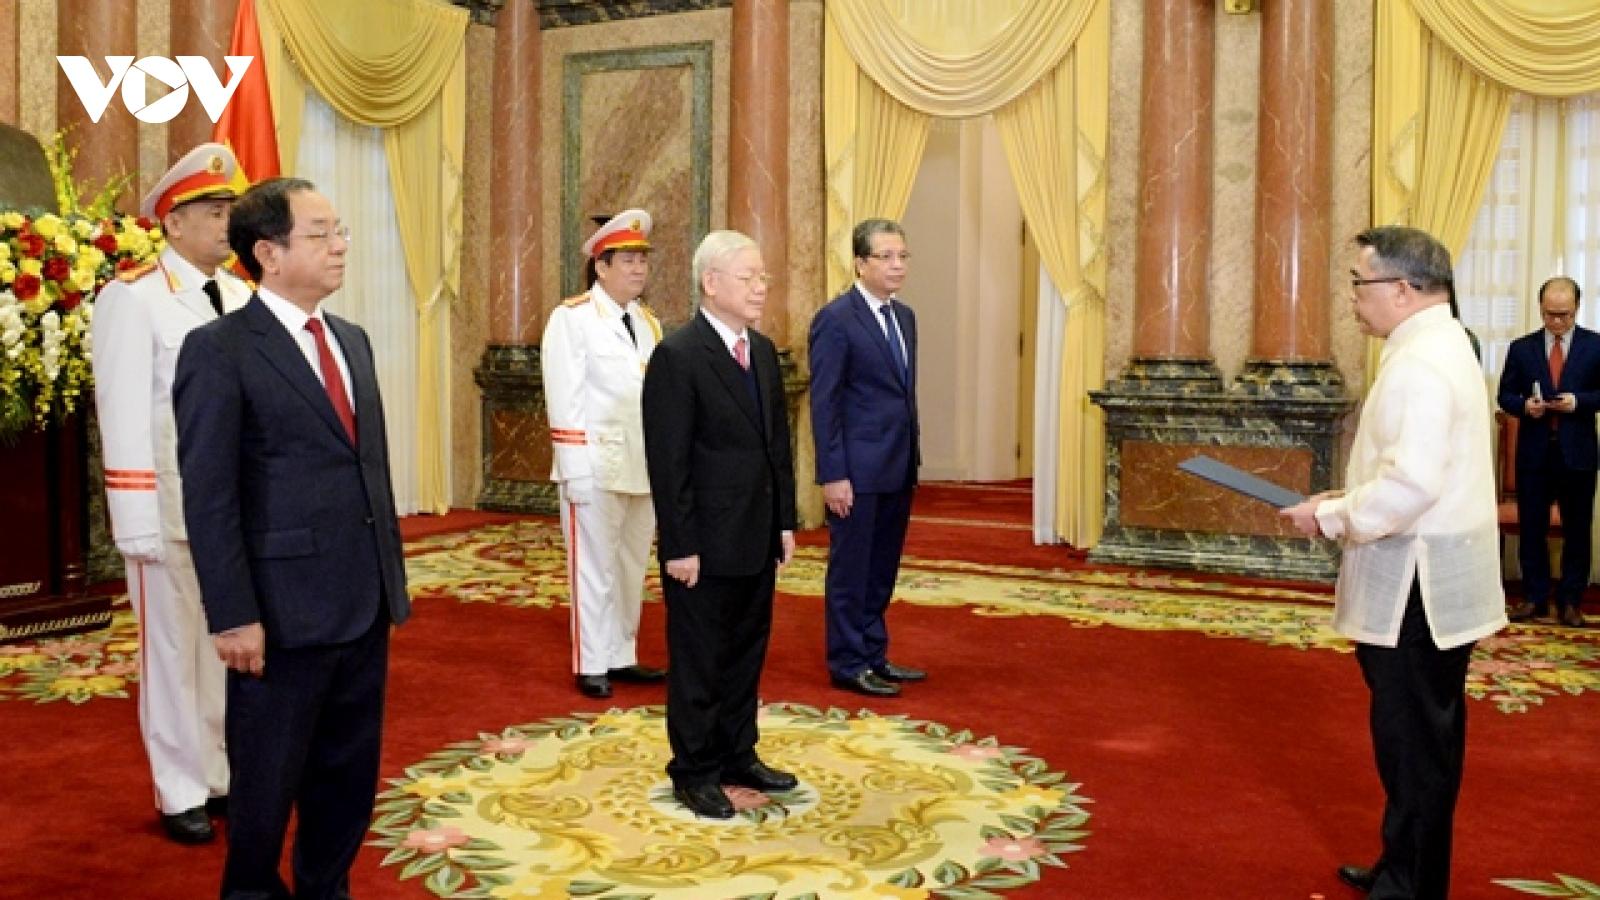 Tổng Bí thư, Chủ tịch nước Nguyễn Phú Trọng nhận Quốc thư củacác Đại sứ nước ngoài